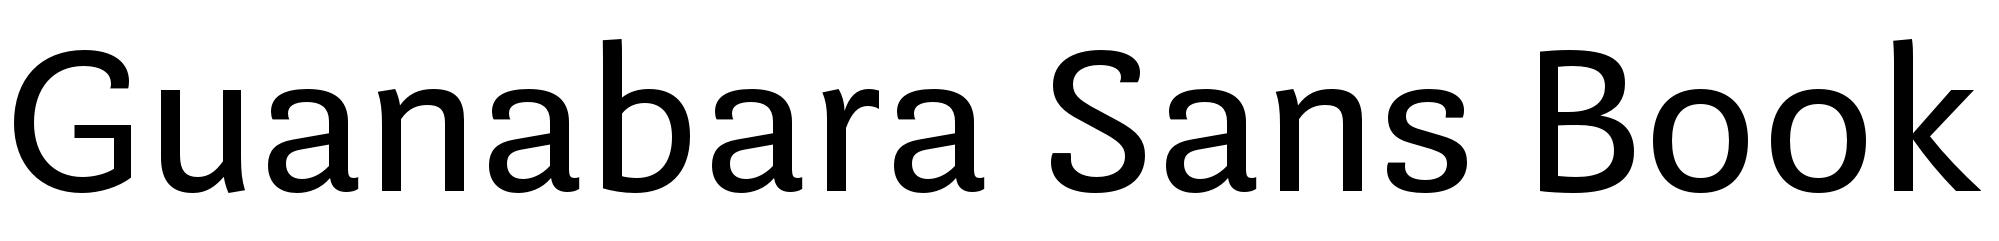 Guanabara Sans Book